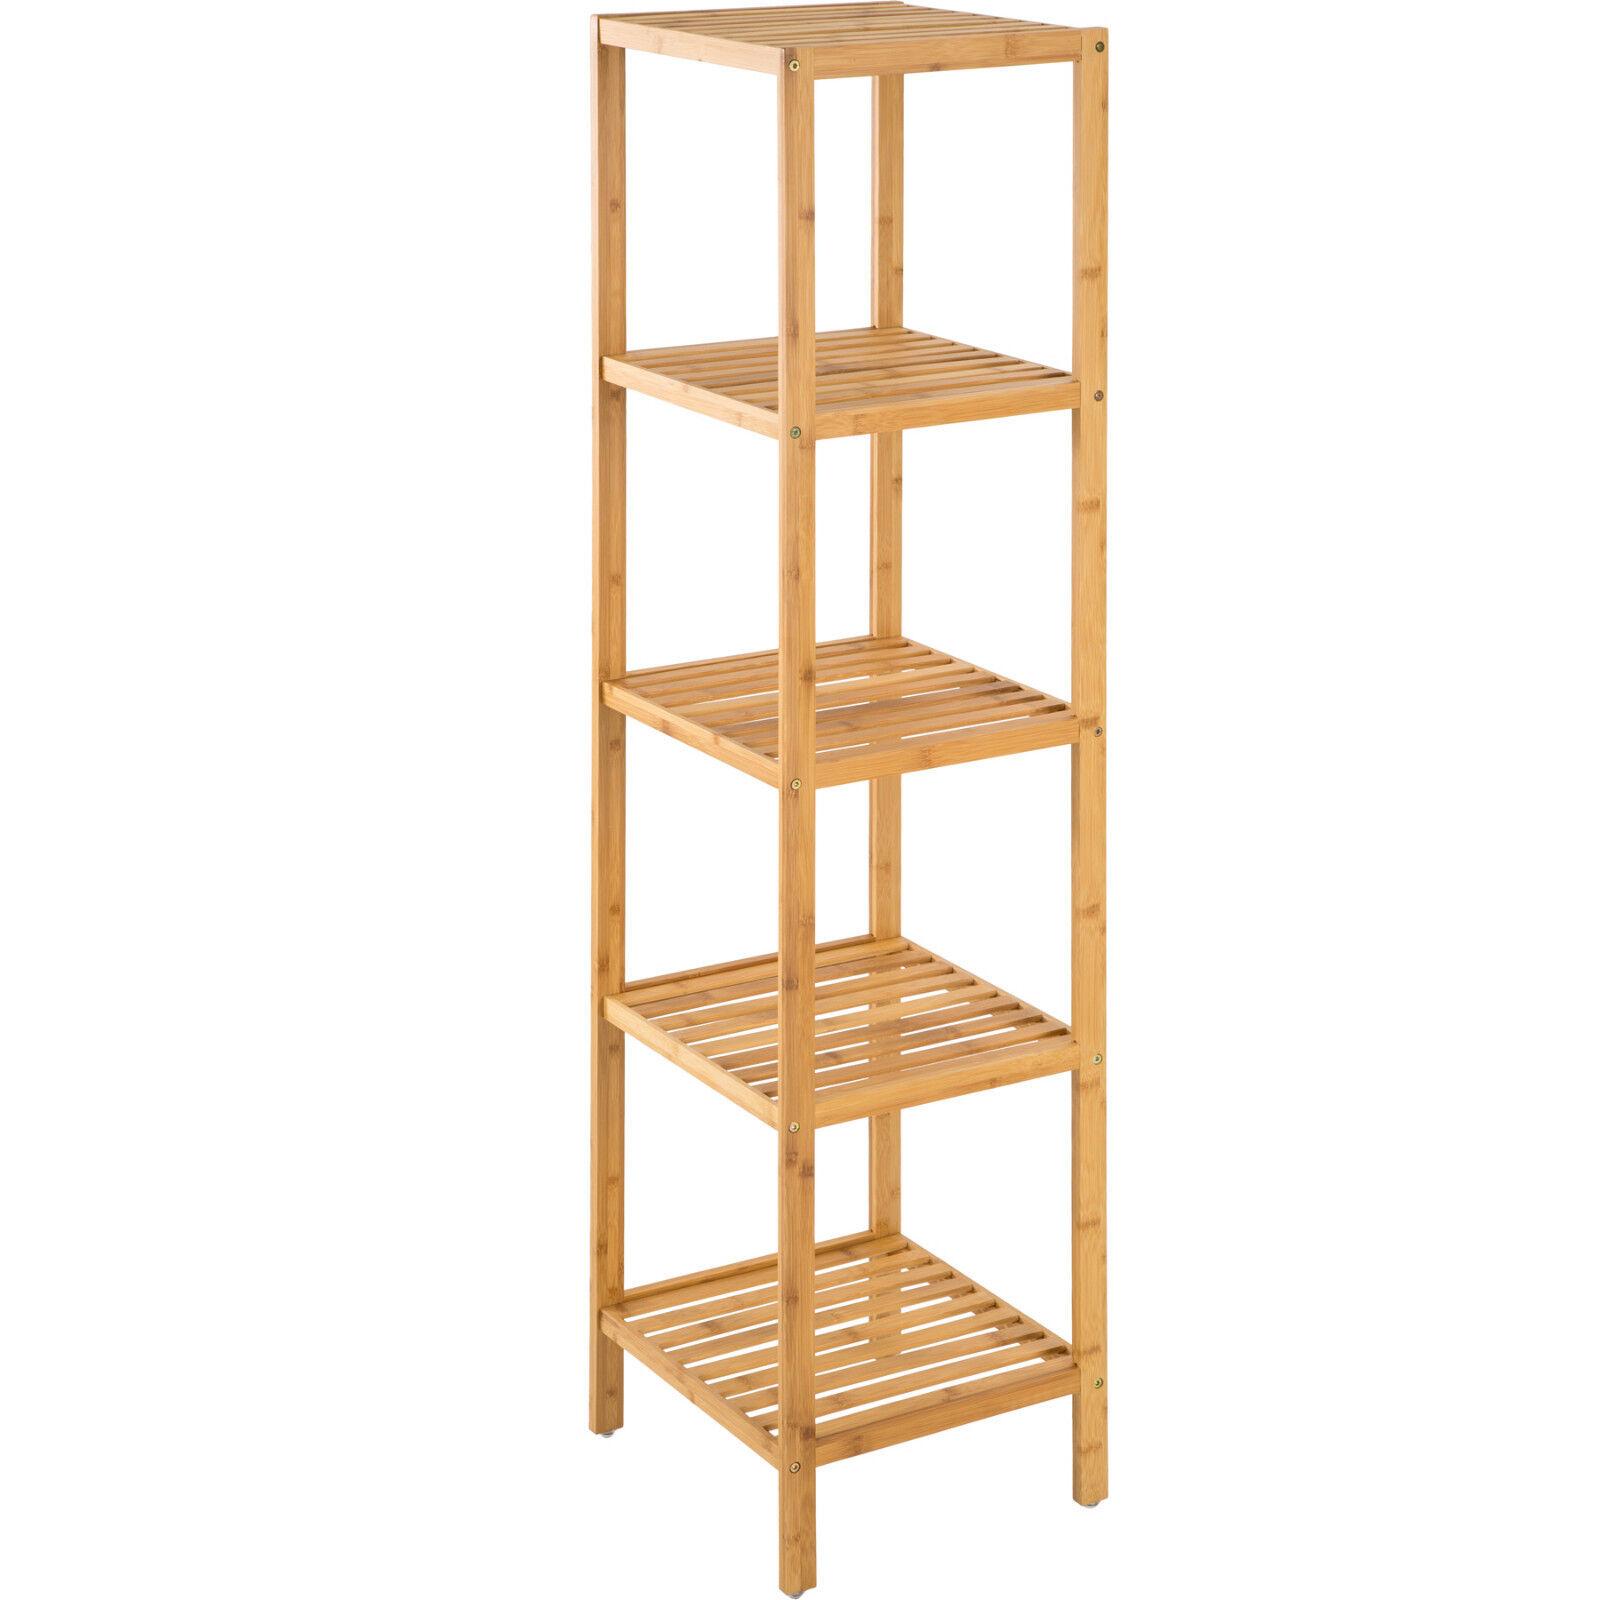 Lagerregal Aufbewahrungsregal Holz Bambus Standregal Aufbewahrung Sauna Regal